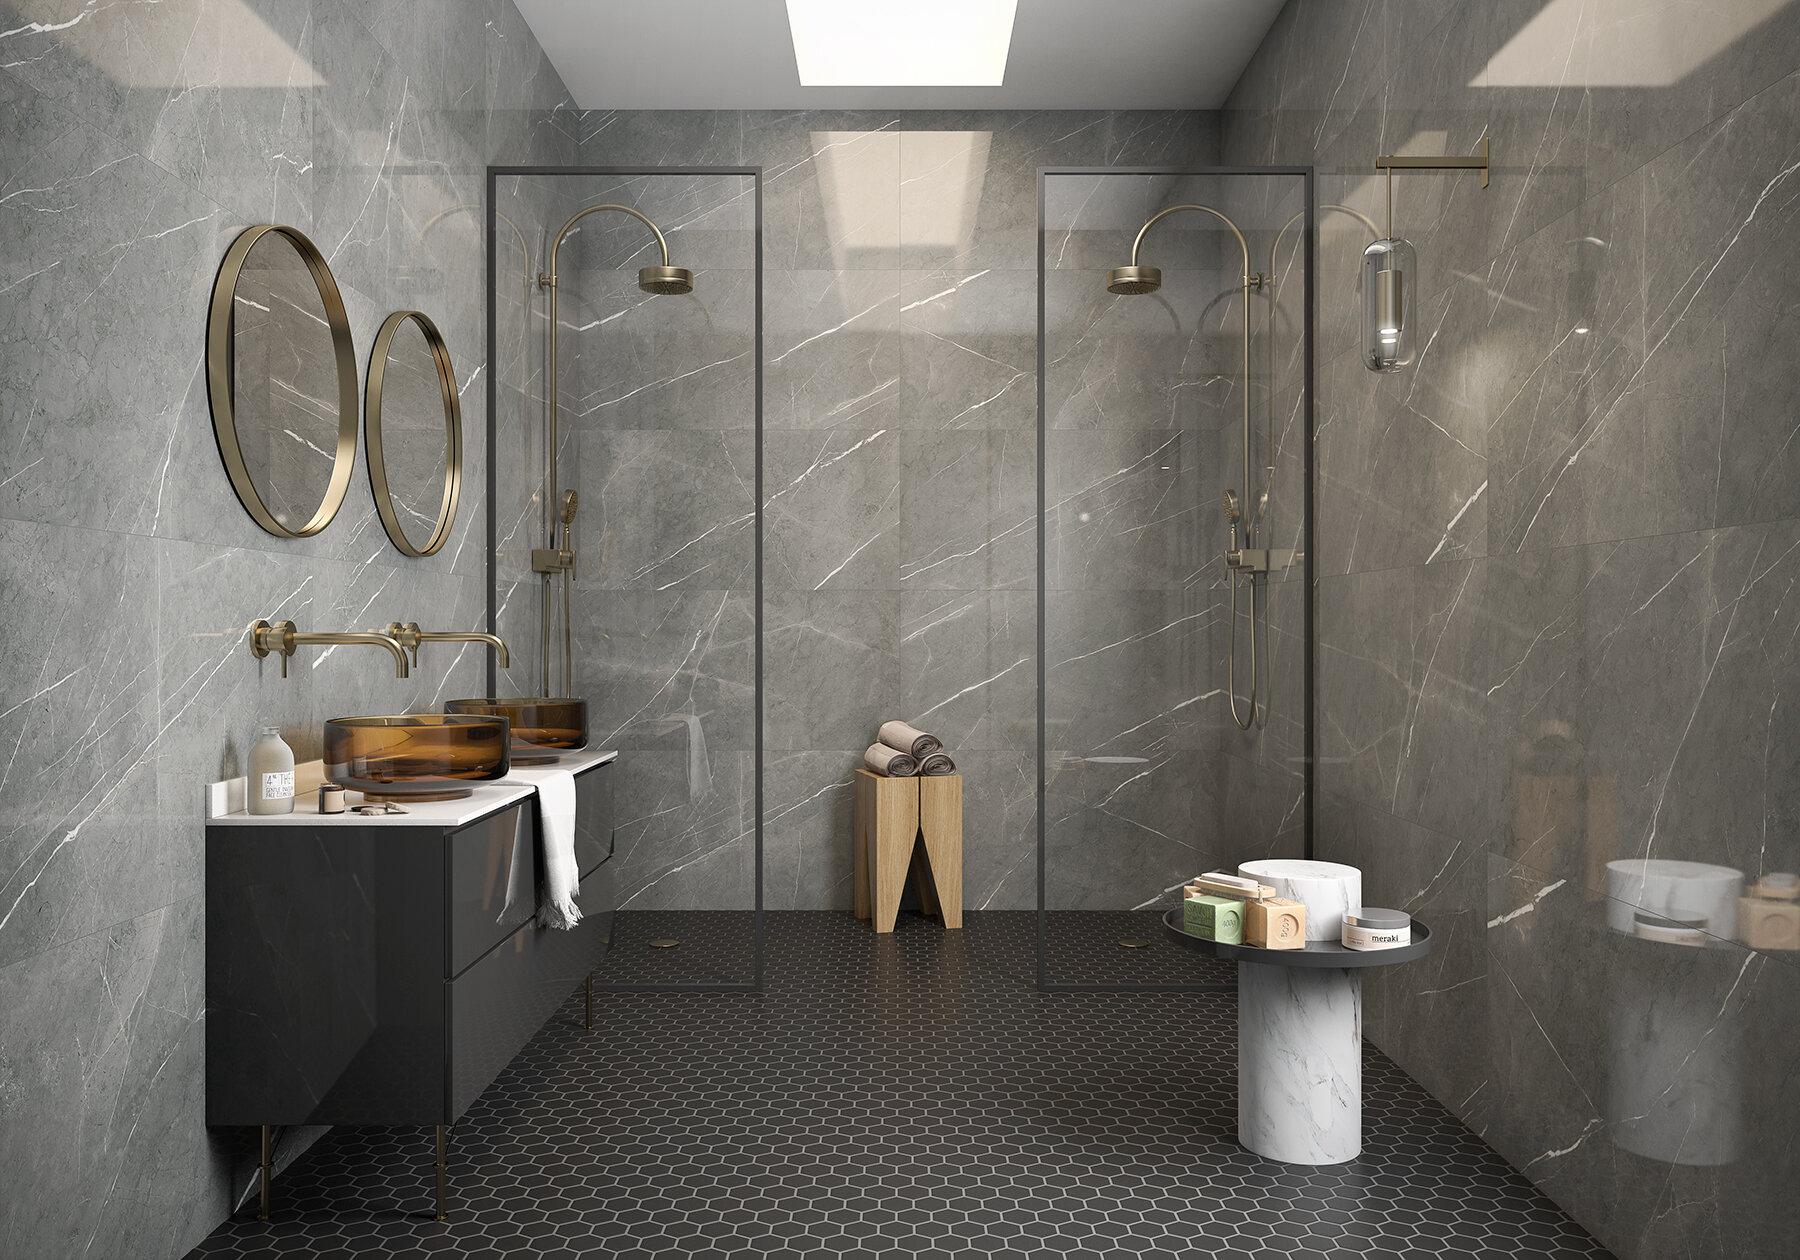 21st century tile